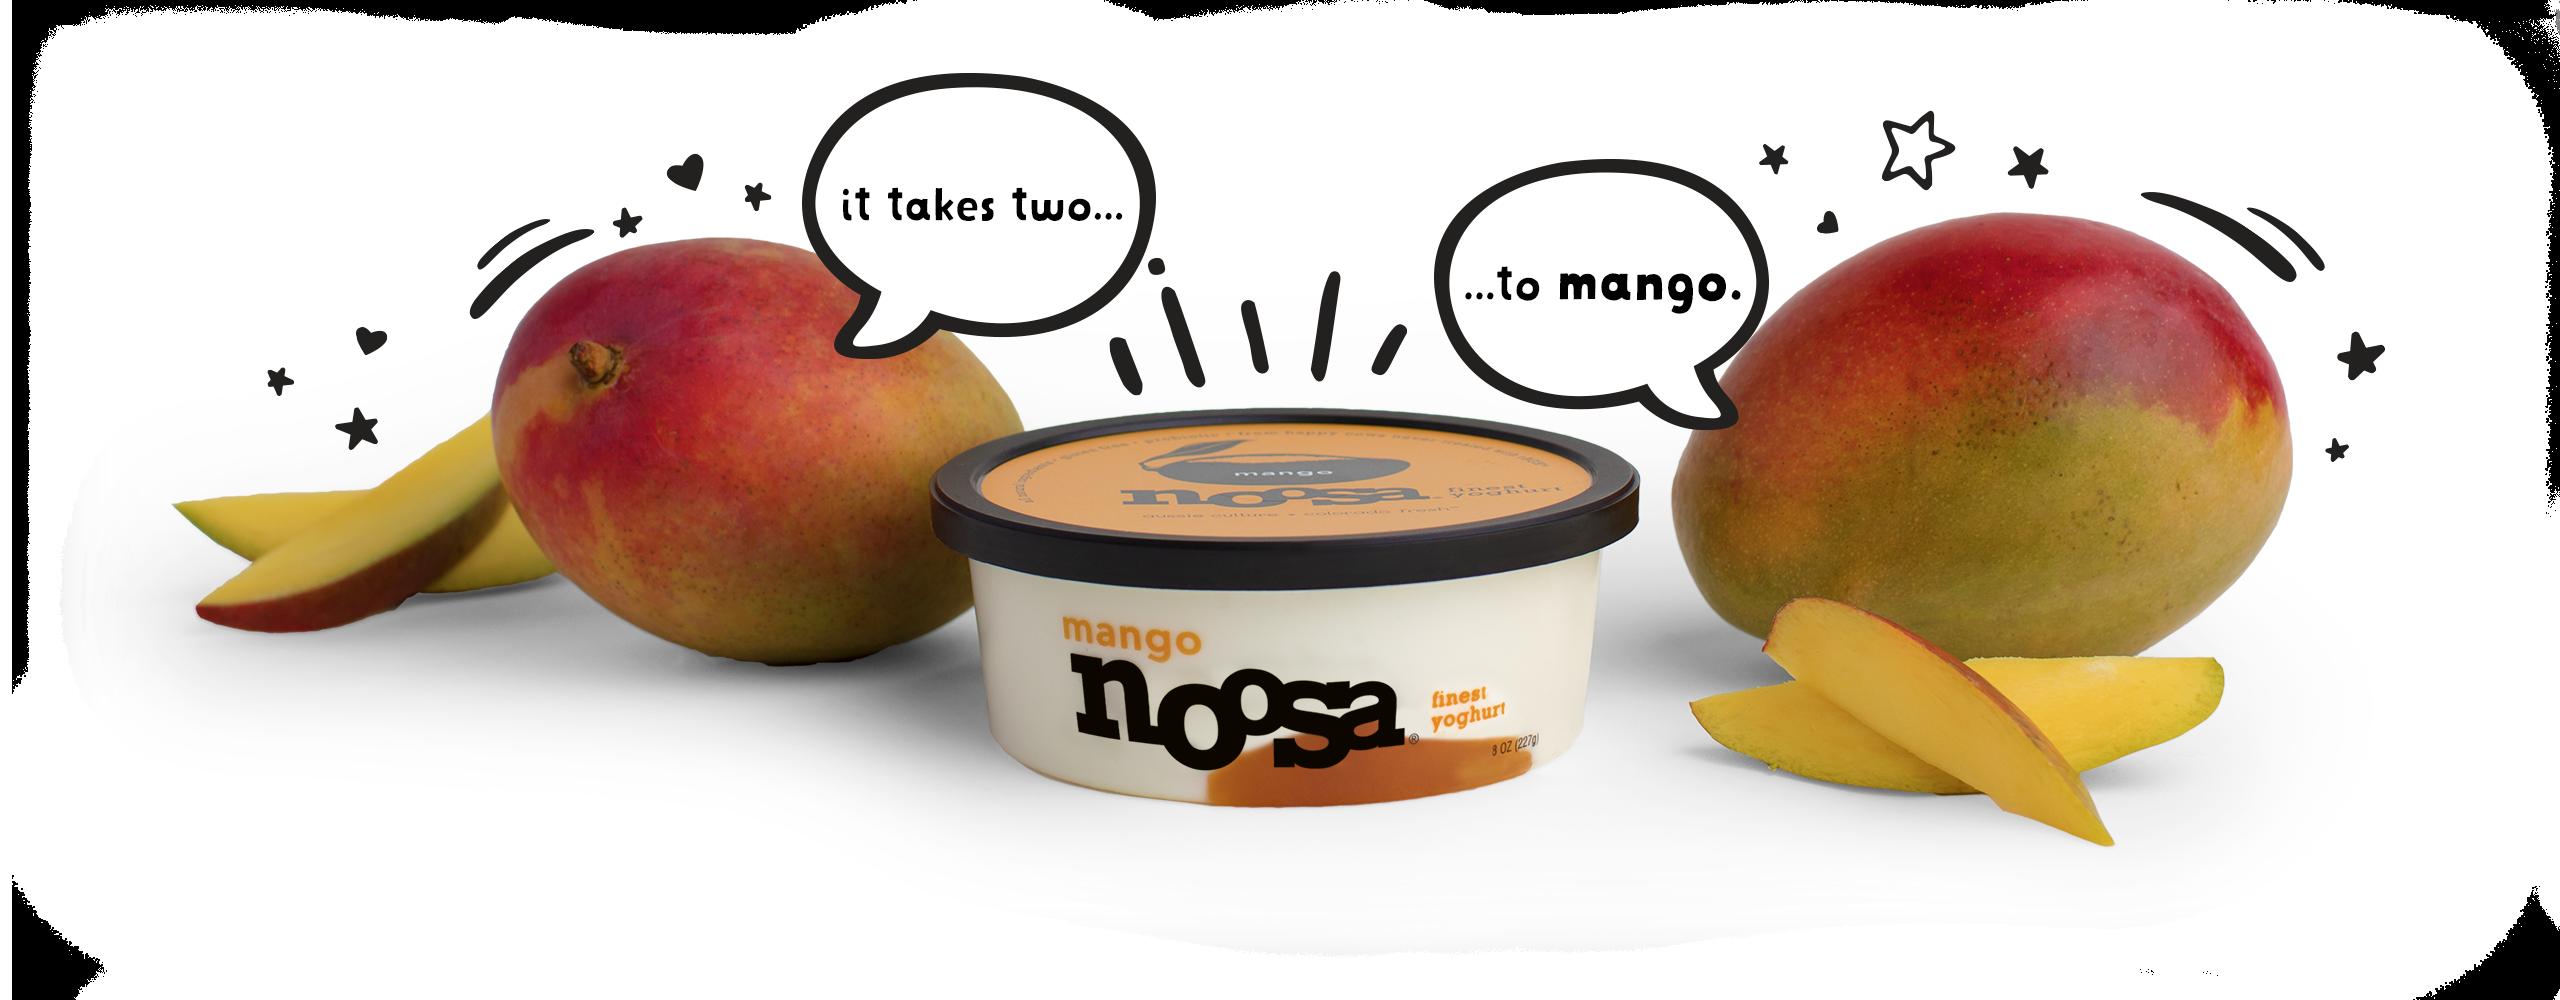 Lemons clipart basket mango. Noosa